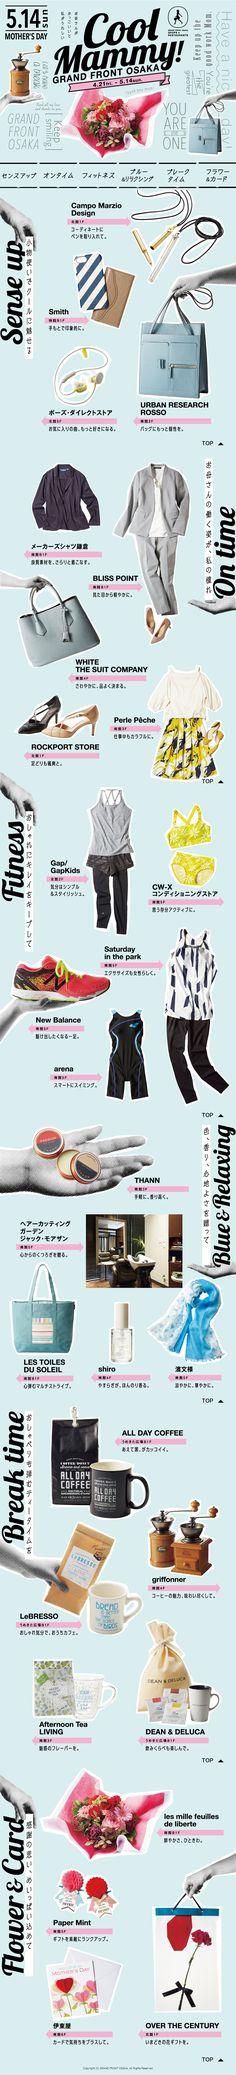 グランフロント大阪様の「Cool+mammy!」のランディングページ(LP)シンプル系|サービス・保険・金融